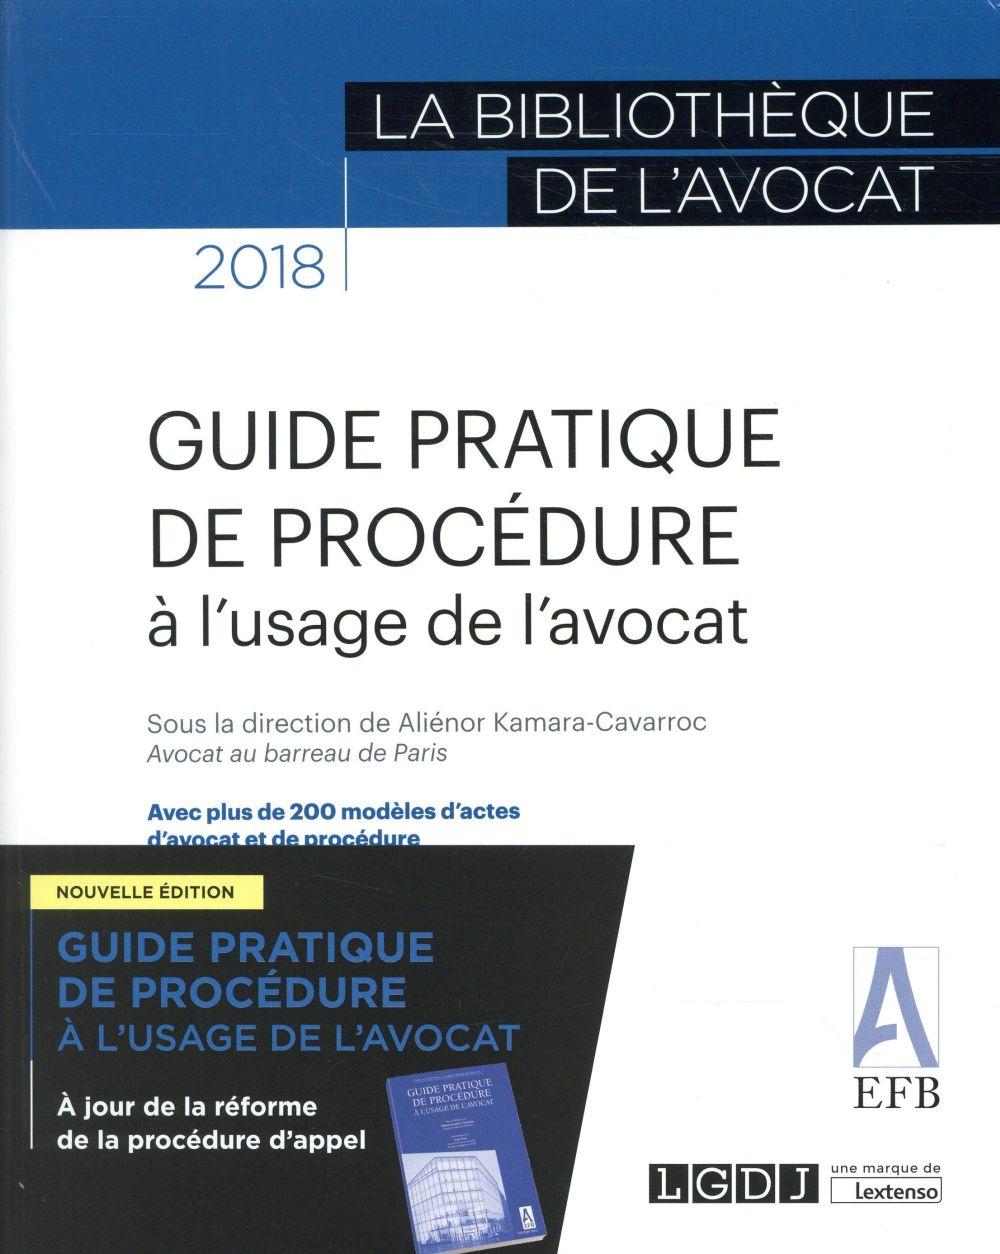 Guide pratique de procédure à l'usage de l'avocat (3e édition)